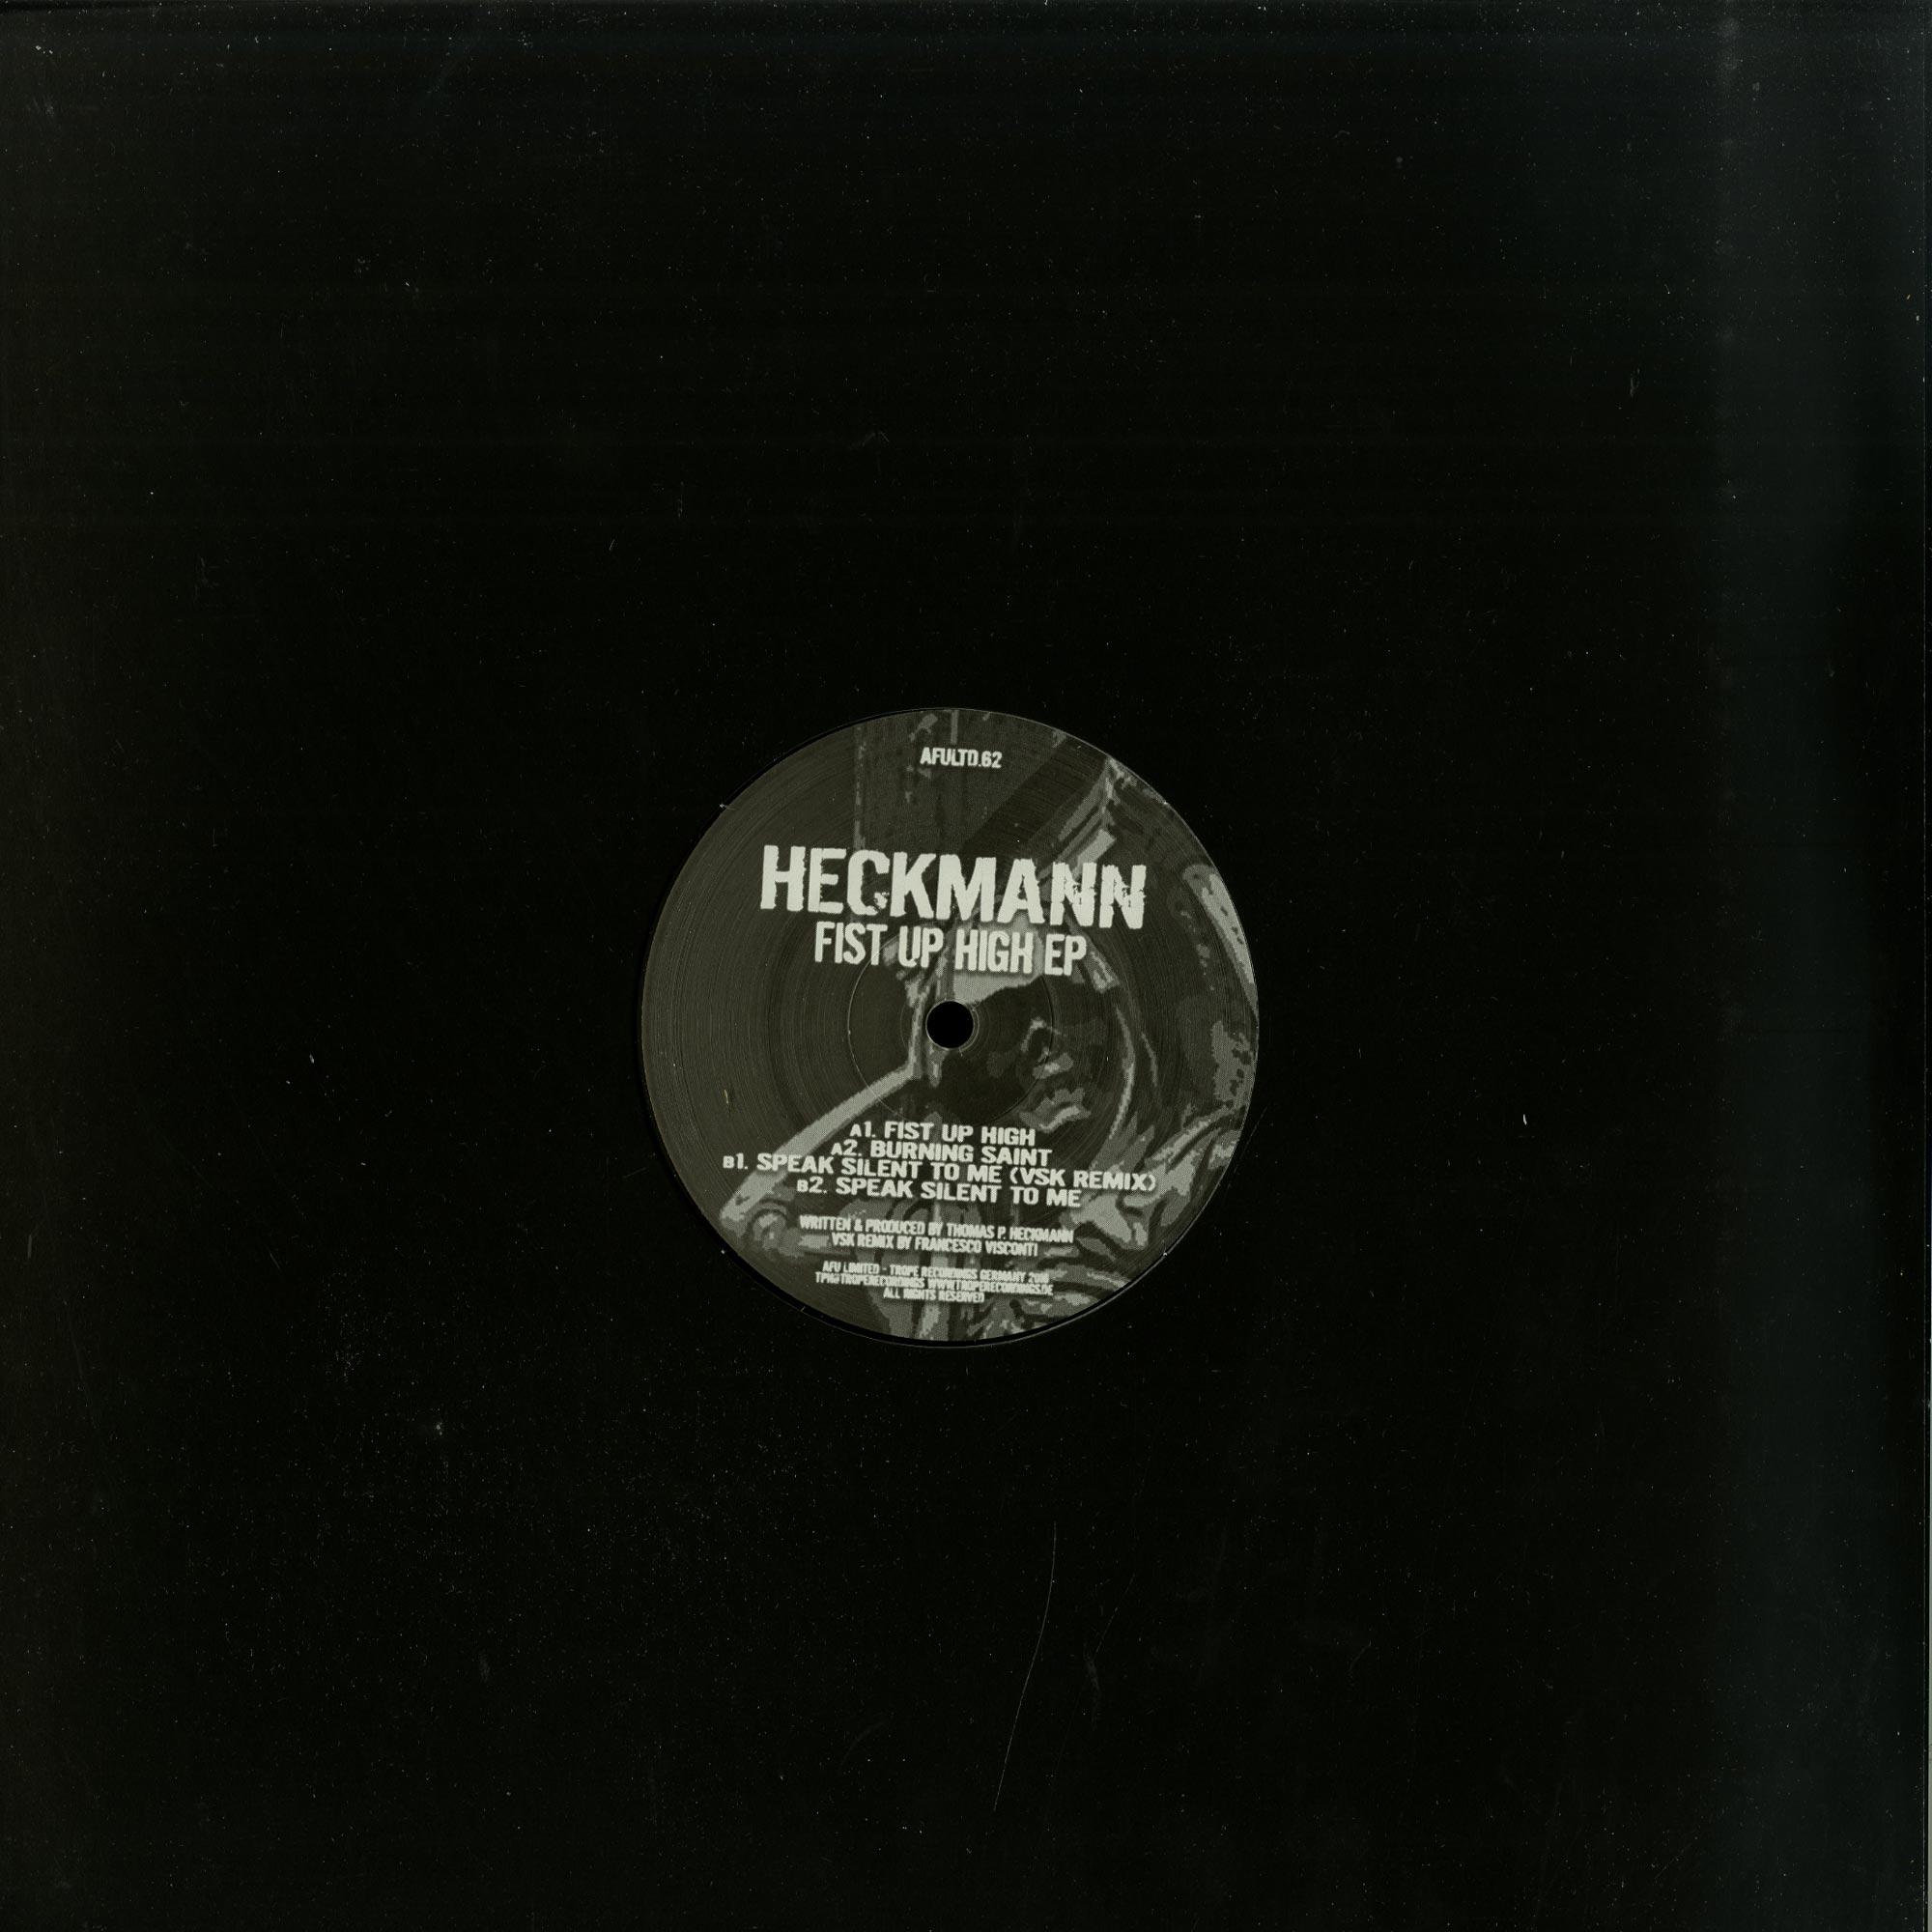 Heckmann - FIST UP HIGH EP